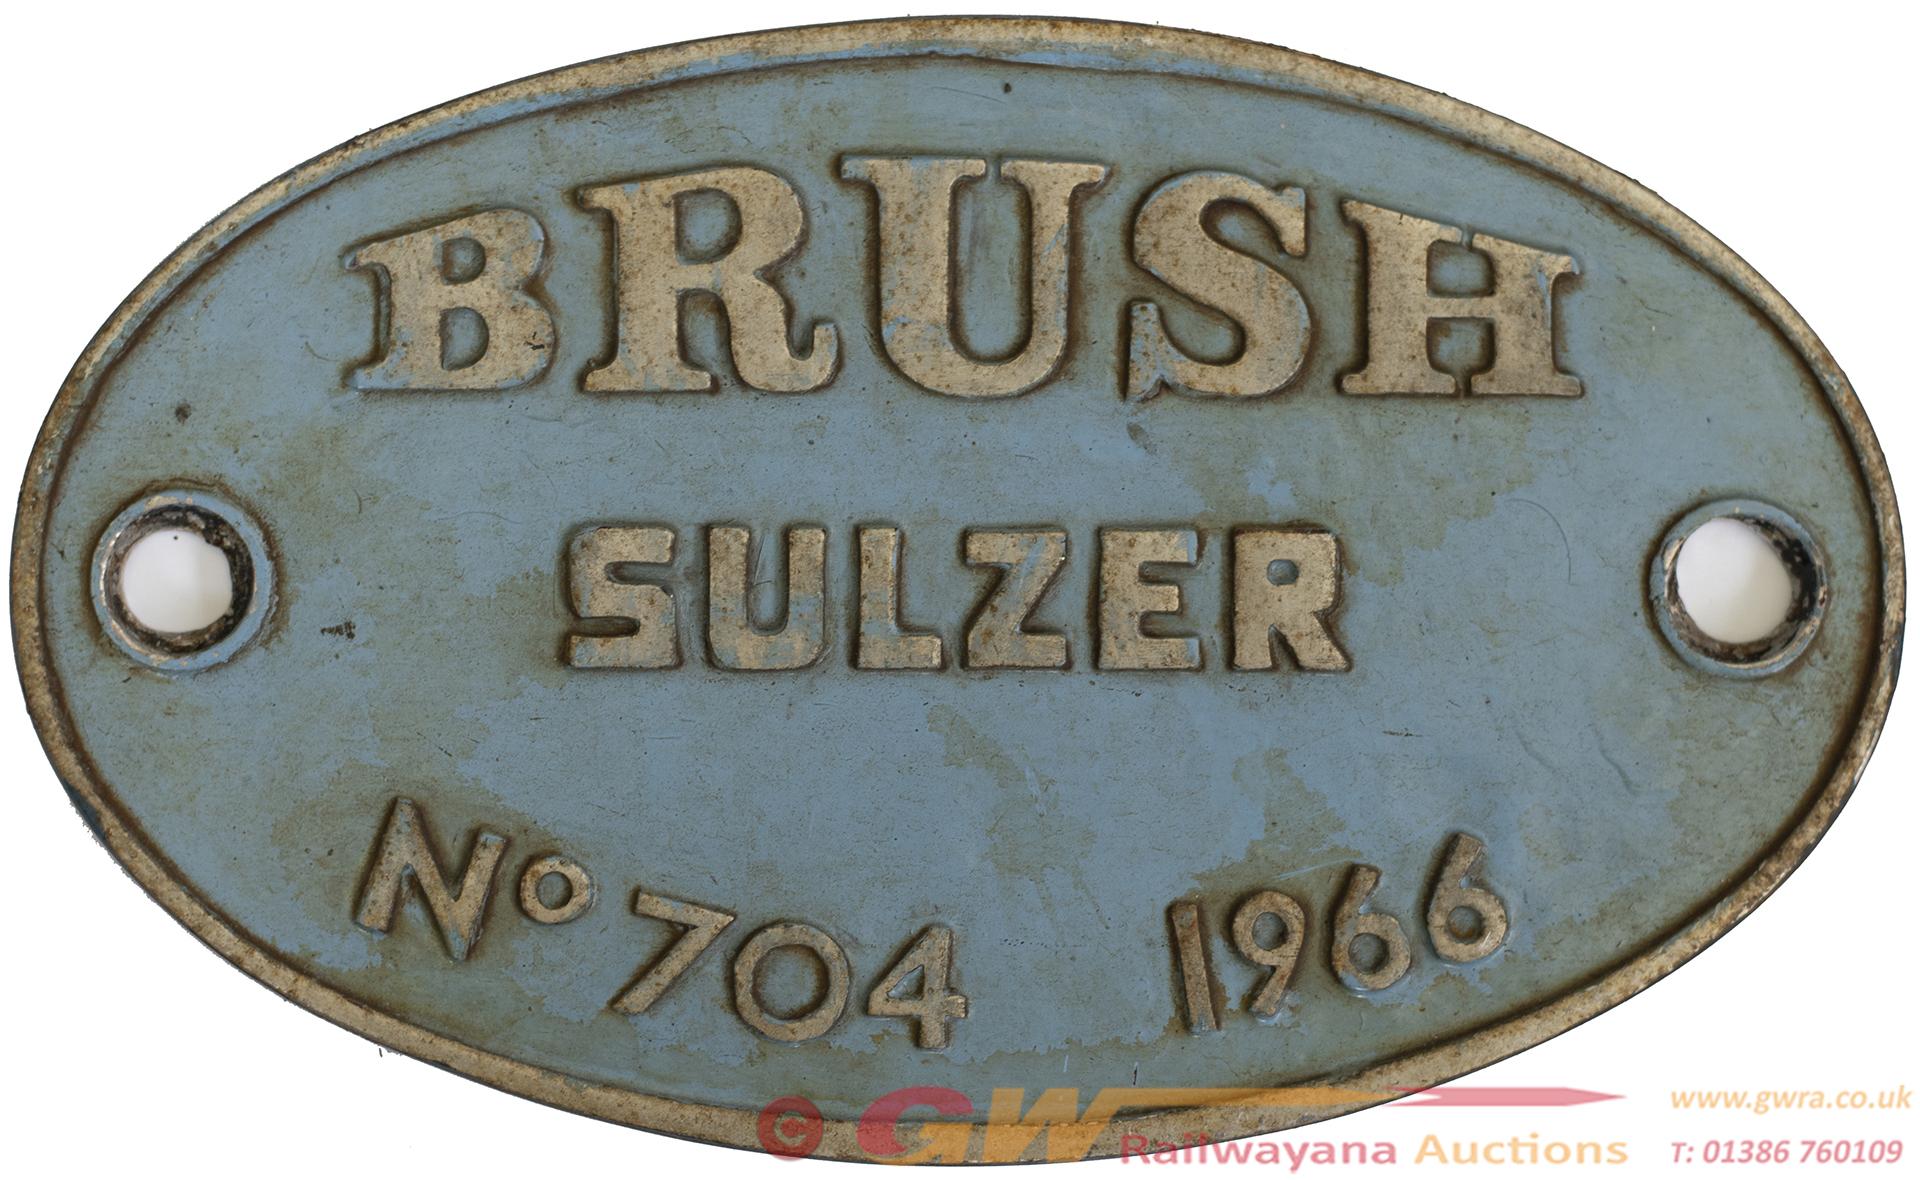 Worksplate BRUSH SULZER No 704 1966. These Were